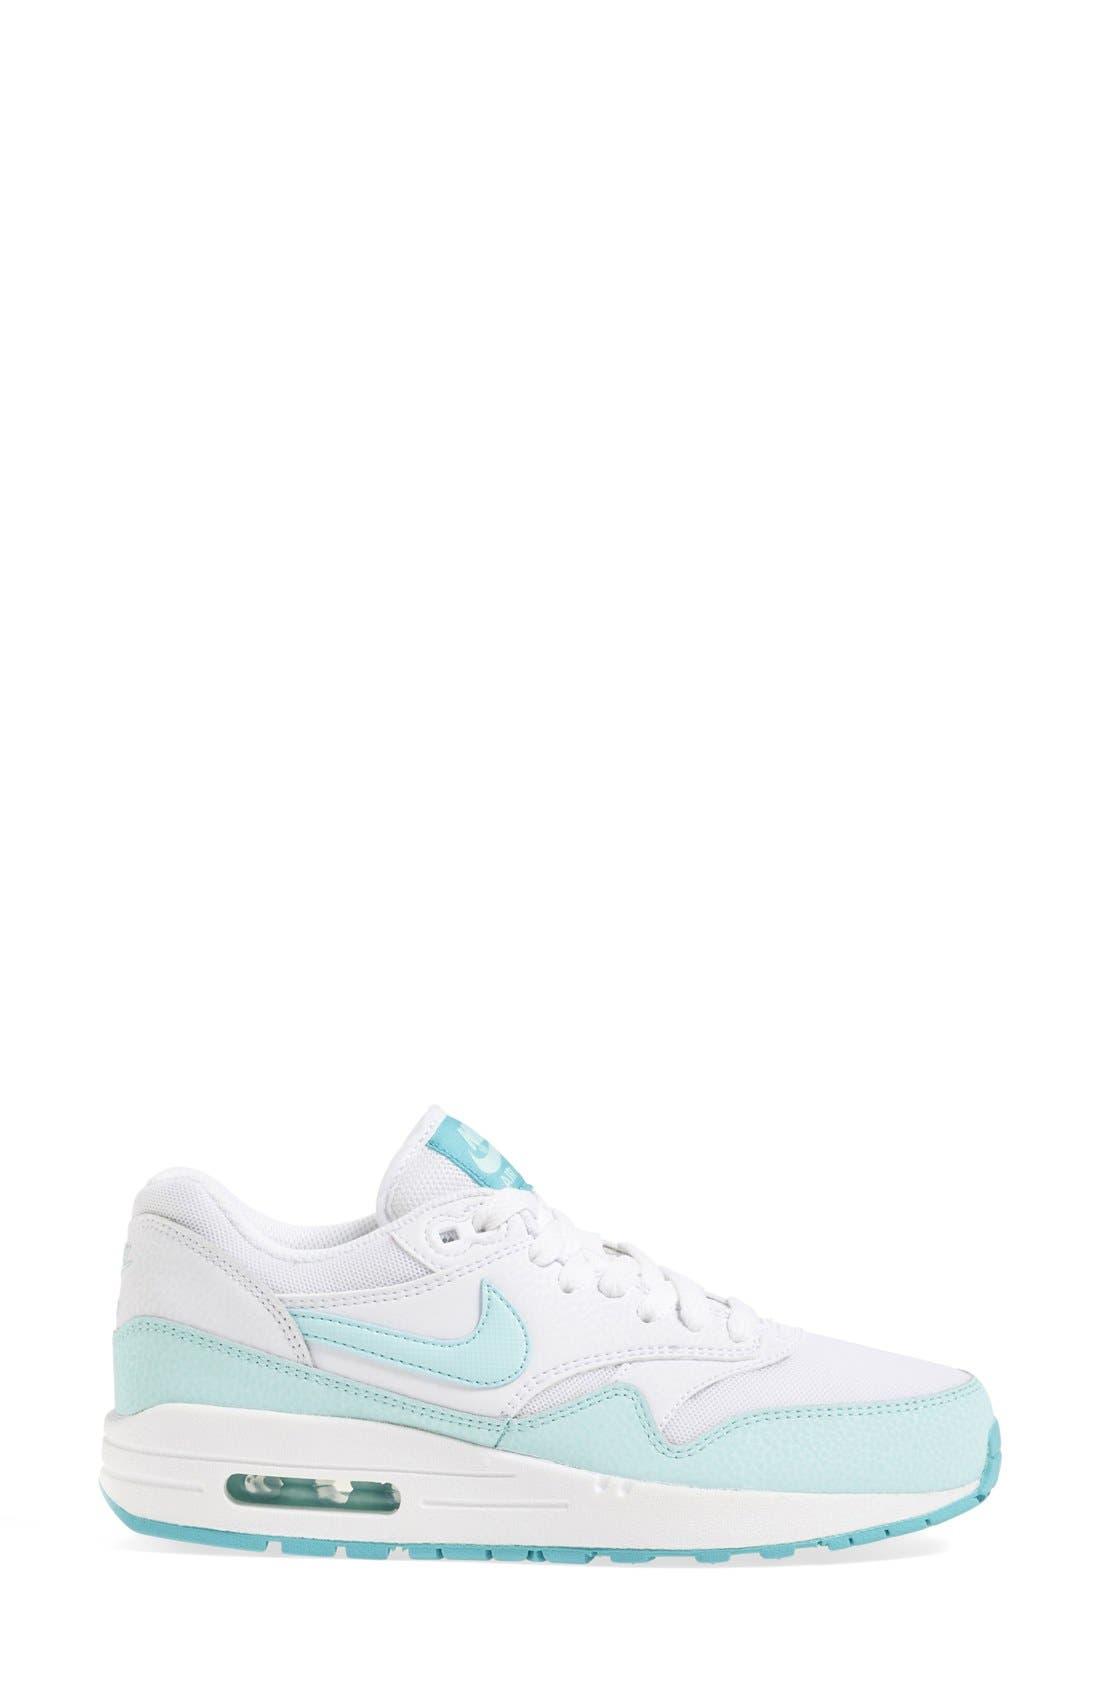 Main Image - Nike 'Air Max 1 Essential' Sneaker (Women)